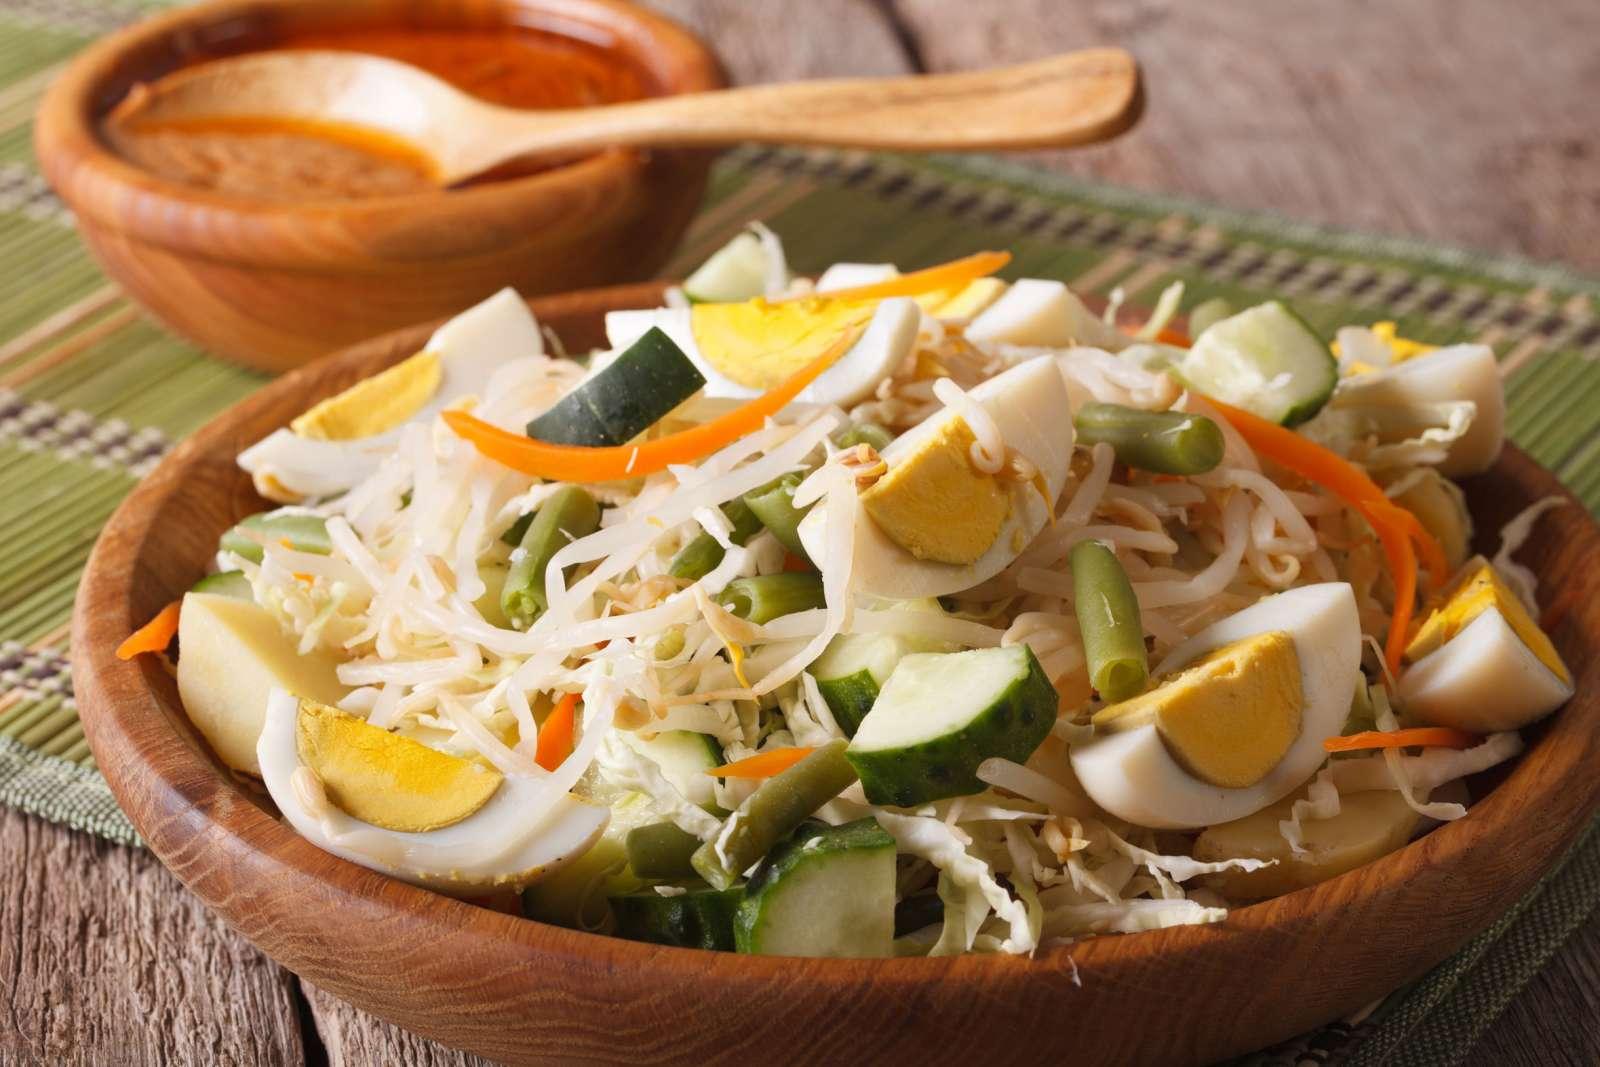 Thai Massaman Vegetable Salad